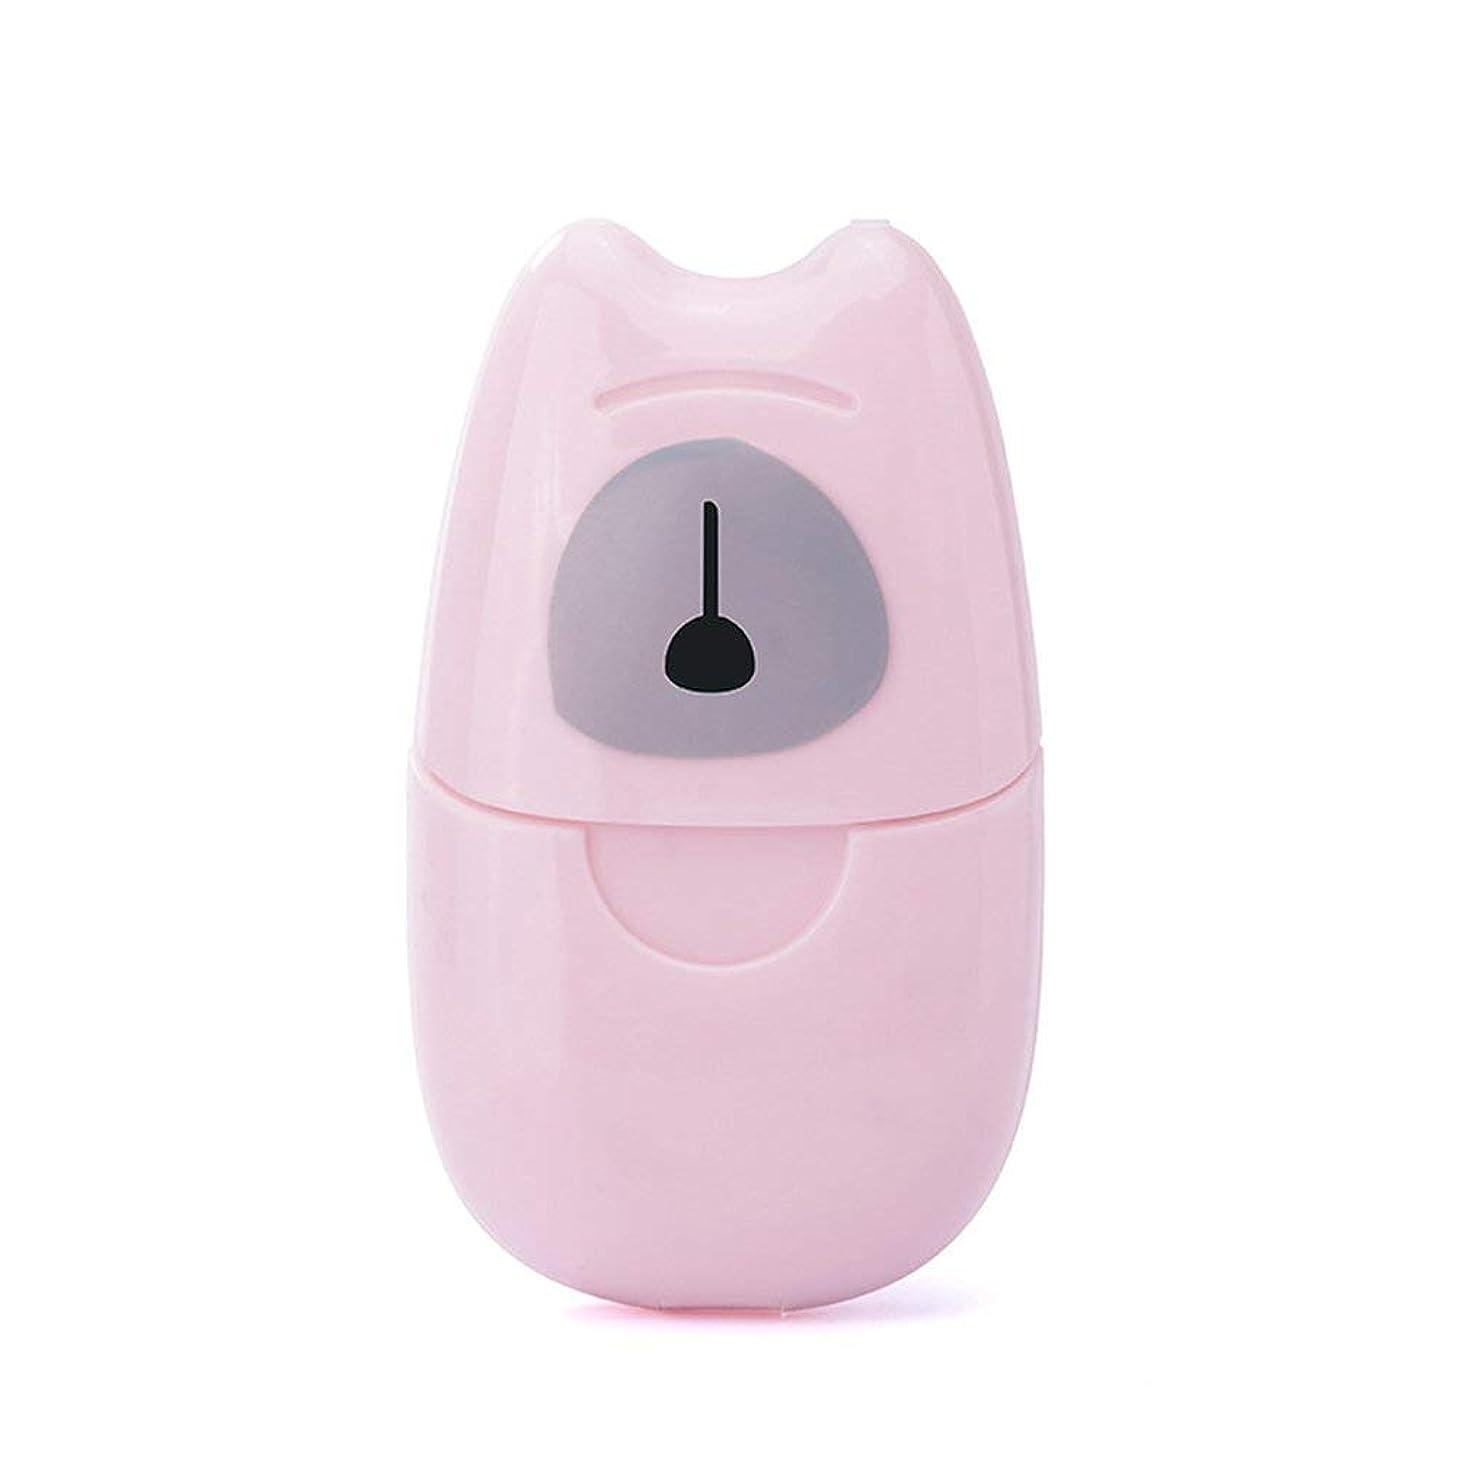 偏心投資する製油所箱入り石鹸紙旅行ポータブル屋外手洗い石鹸香料入りスライスシート50ピースプラスチックボックス付きミニ石鹸紙-ピンク